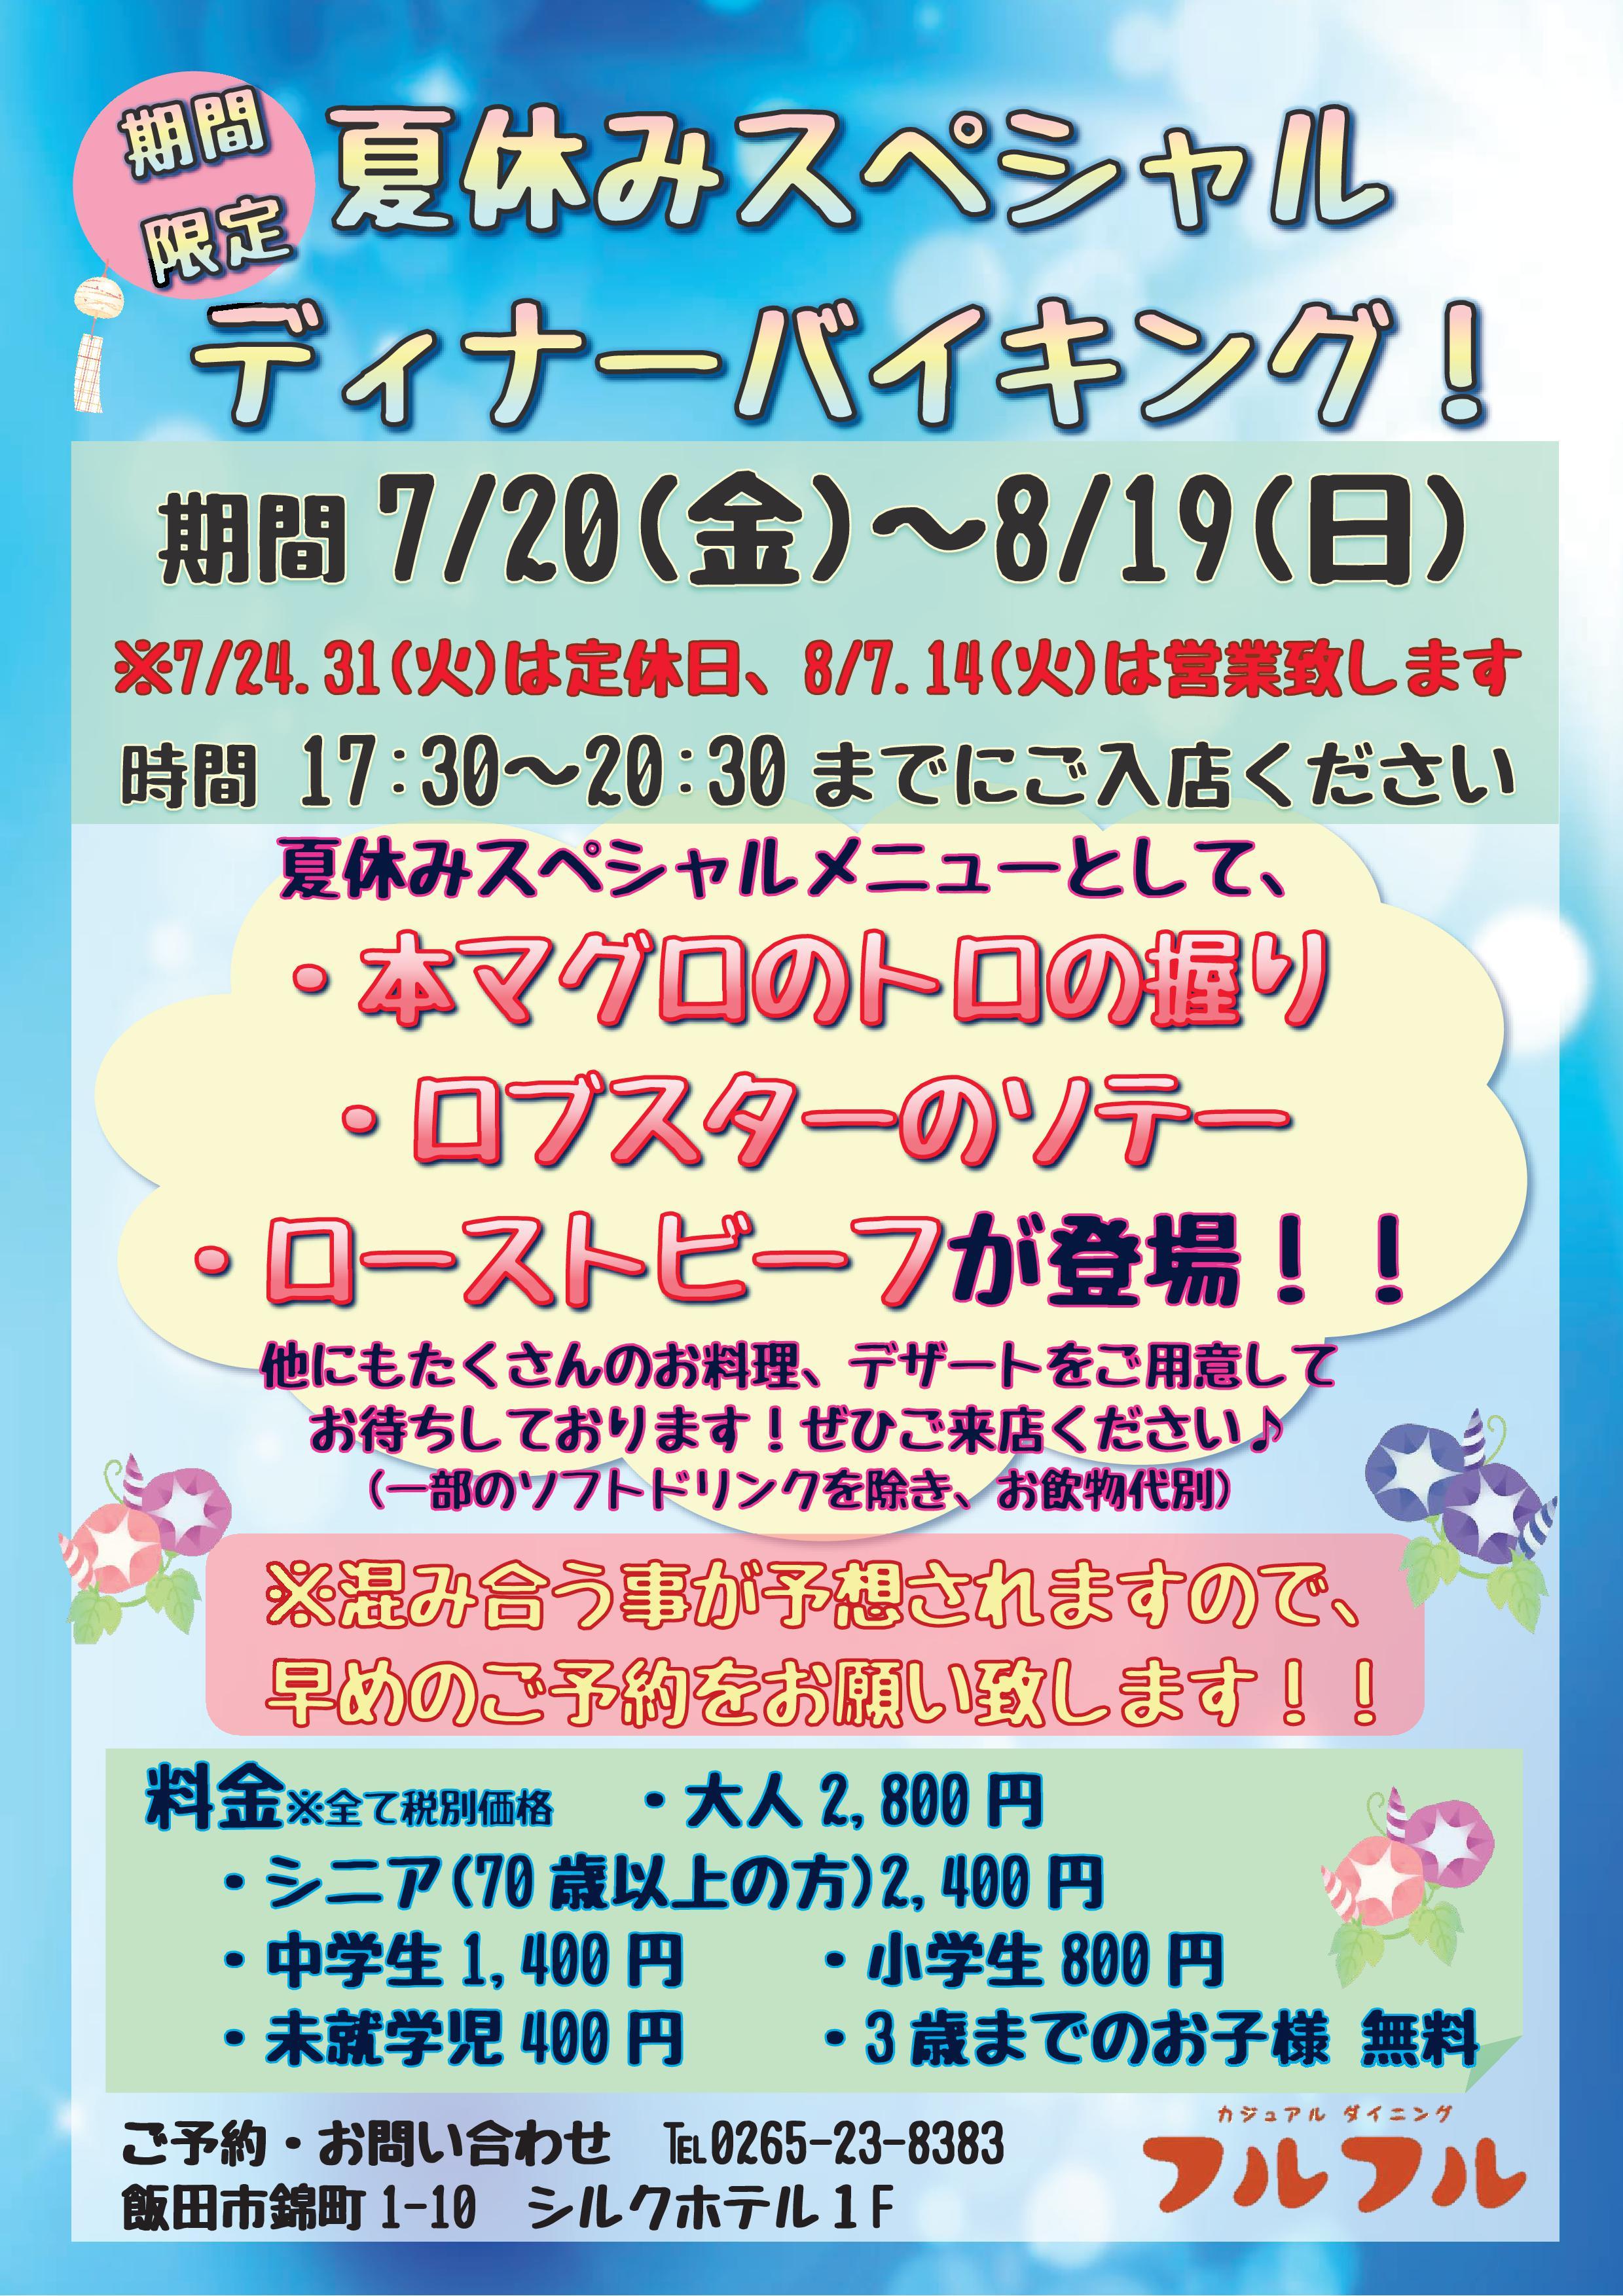 夏休み SPディナーバイキング開催!